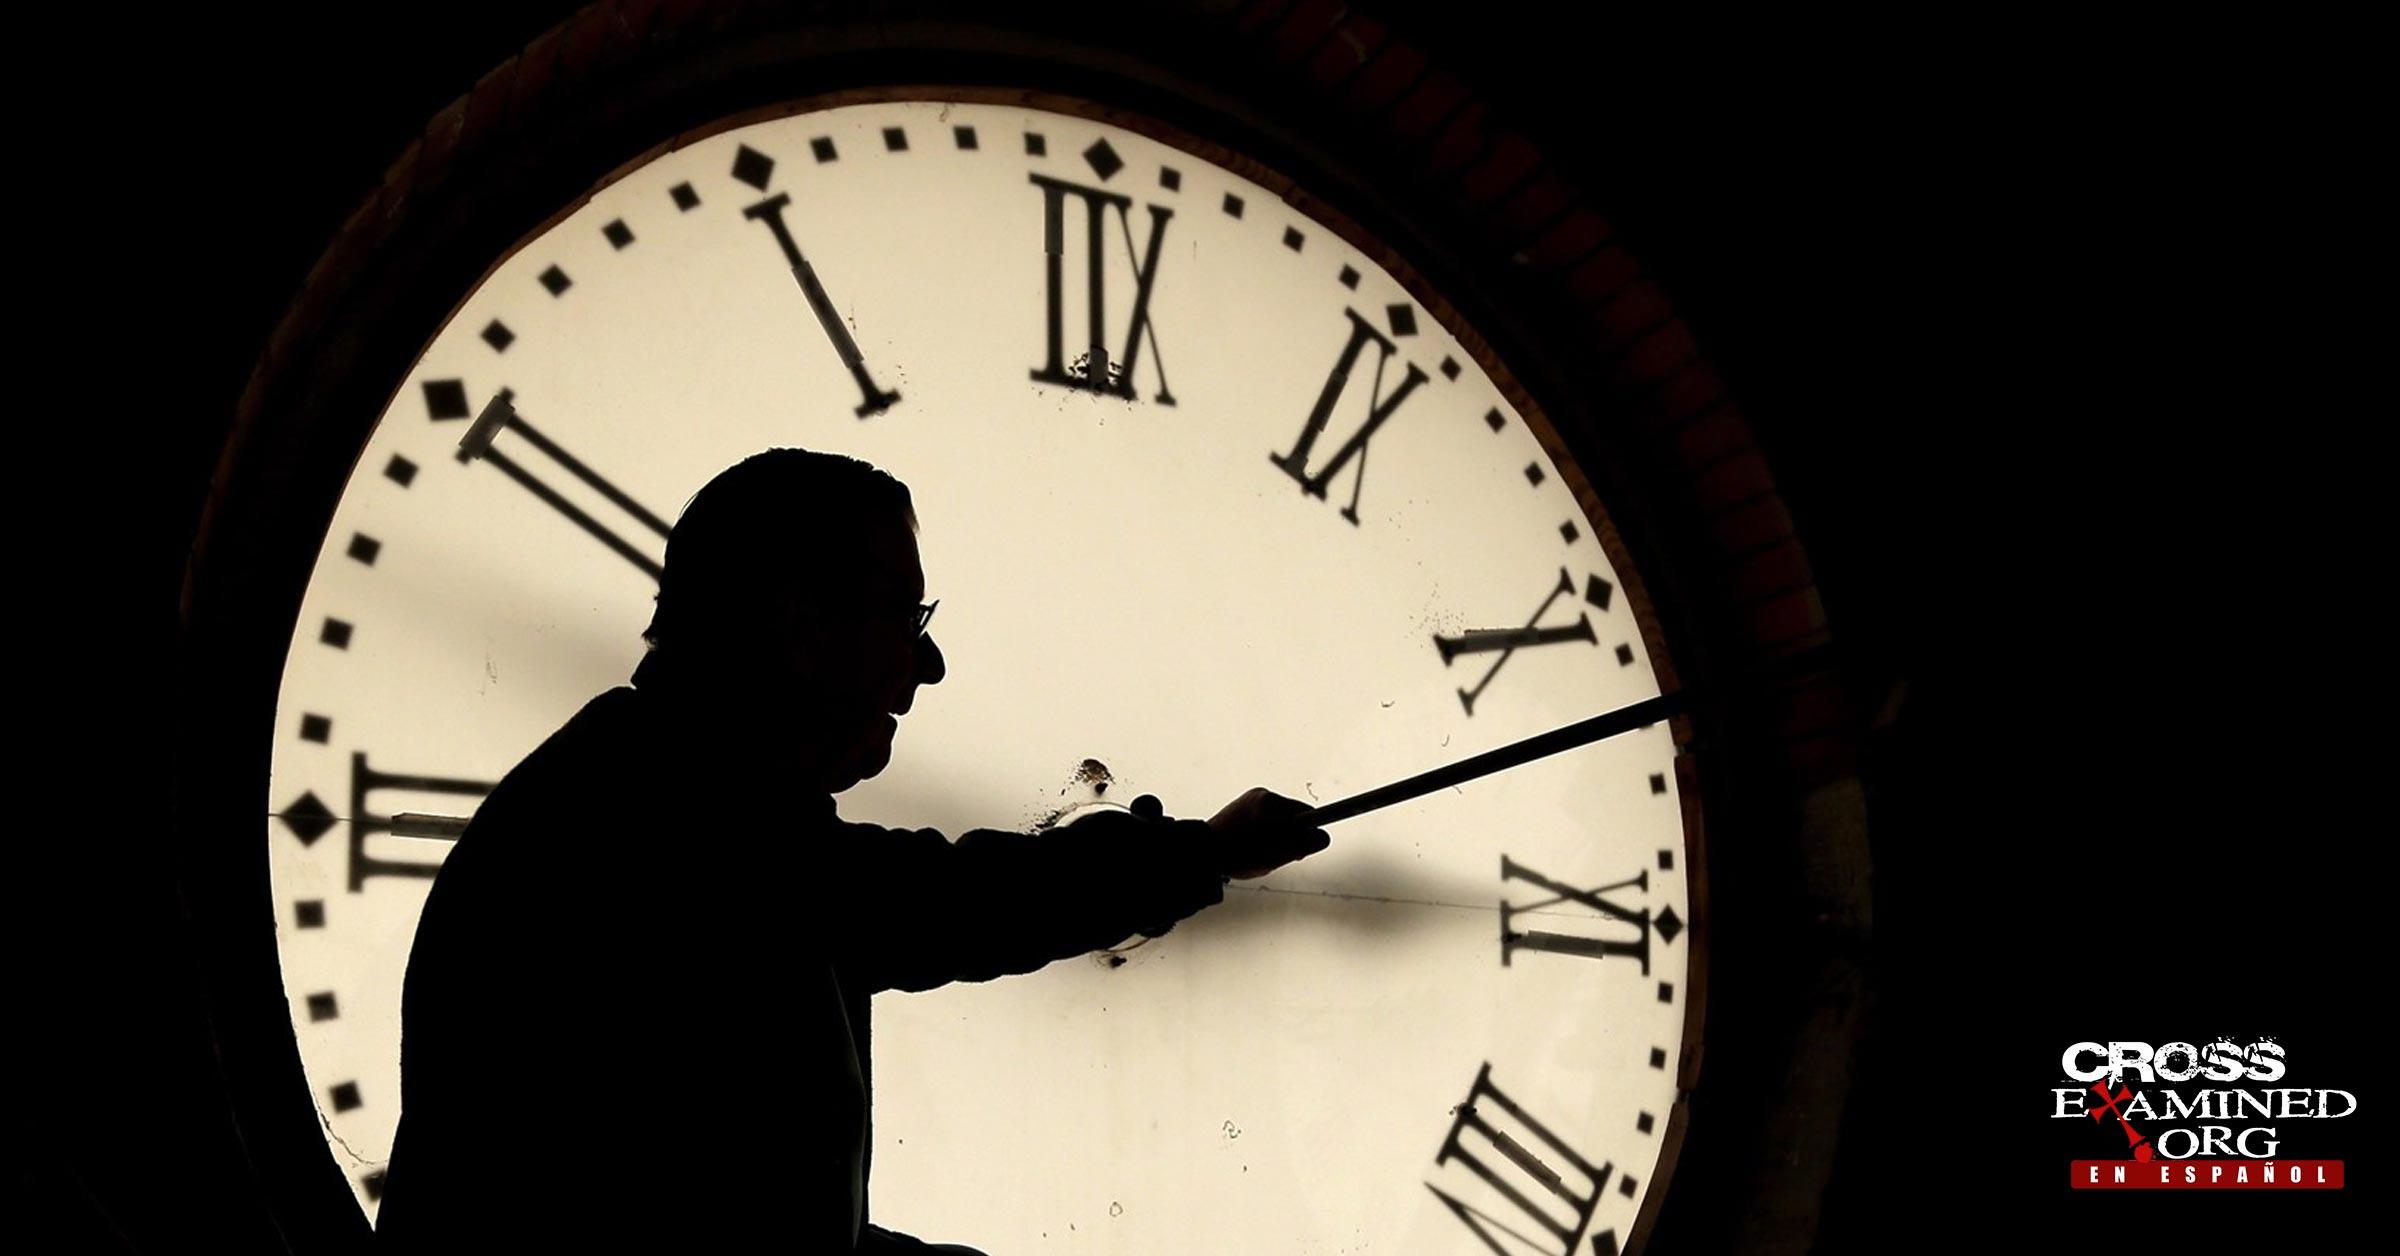 Tomar el tiempo en serio para diferenciar el pasado y el futuro